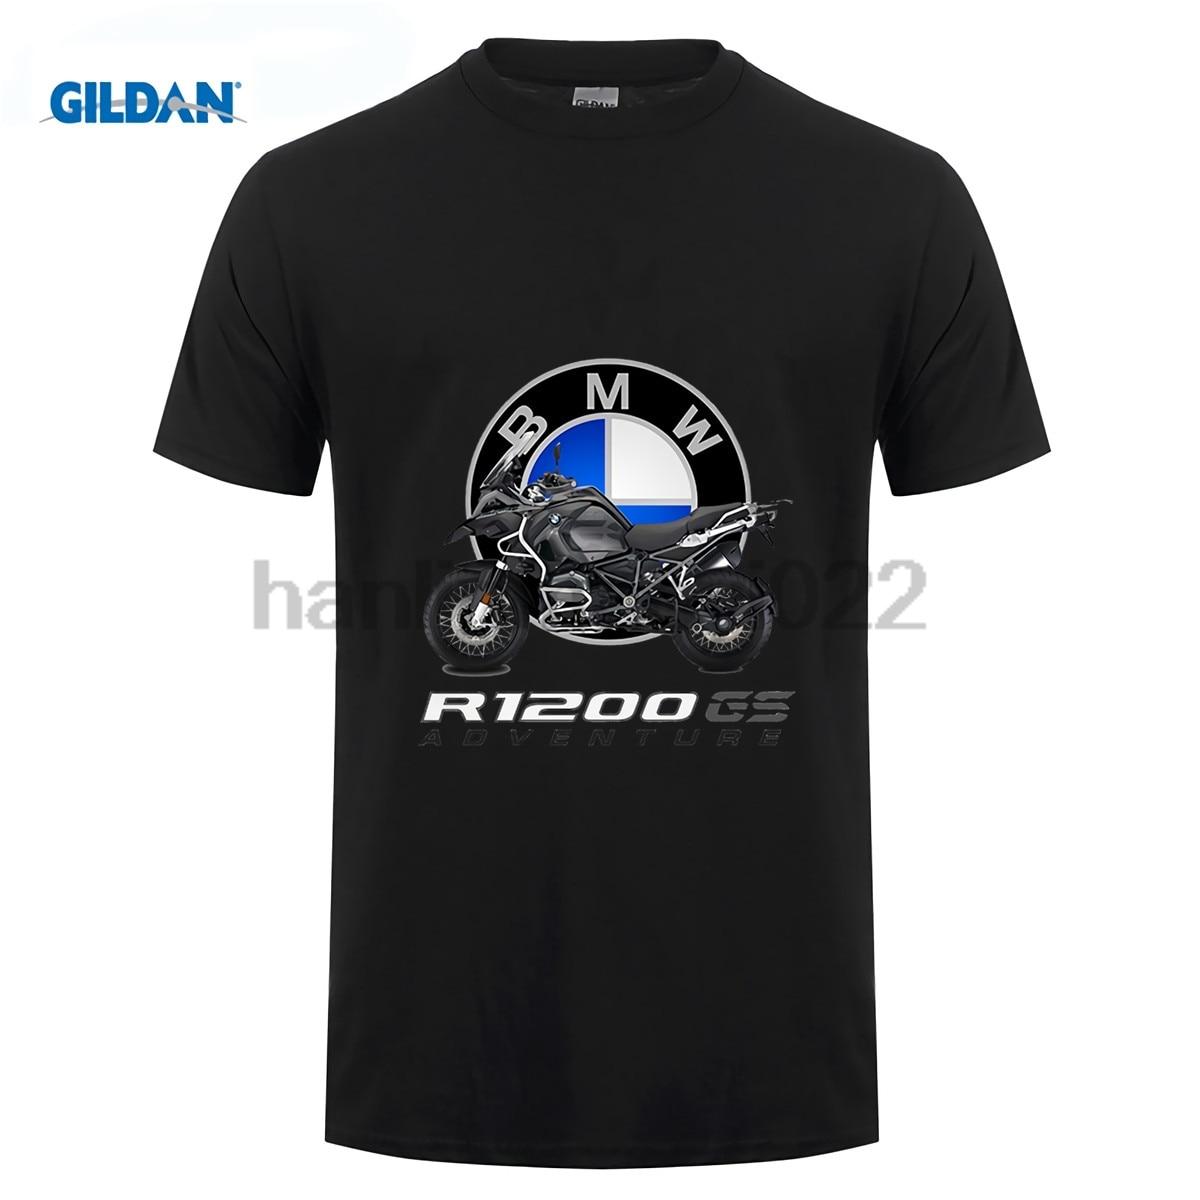 Возьмите футболку R1200 GS Приключения тройной черный